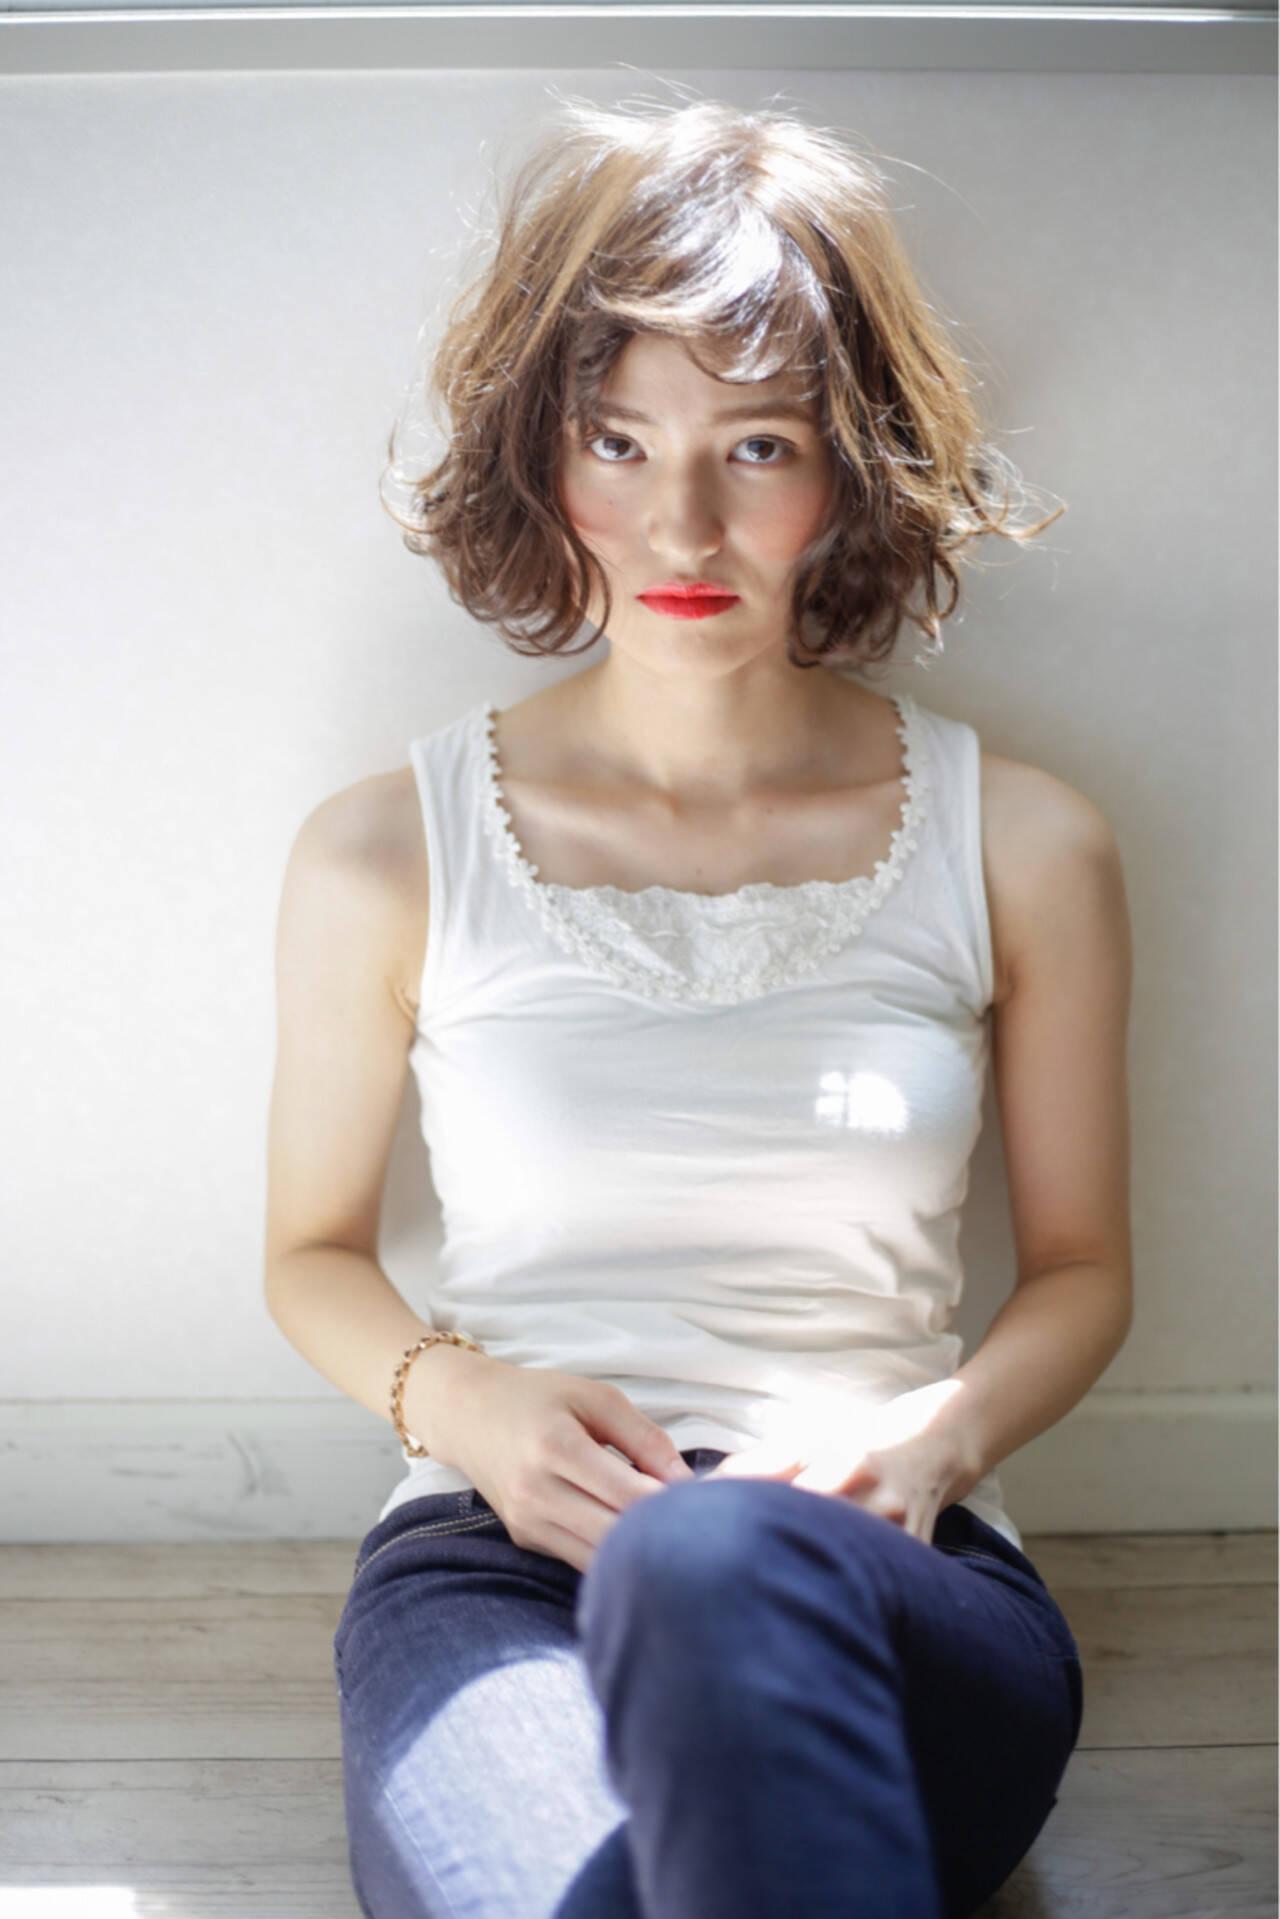 ゆるふわ ミディアム 外国人風 グラデーションカラーヘアスタイルや髪型の写真・画像